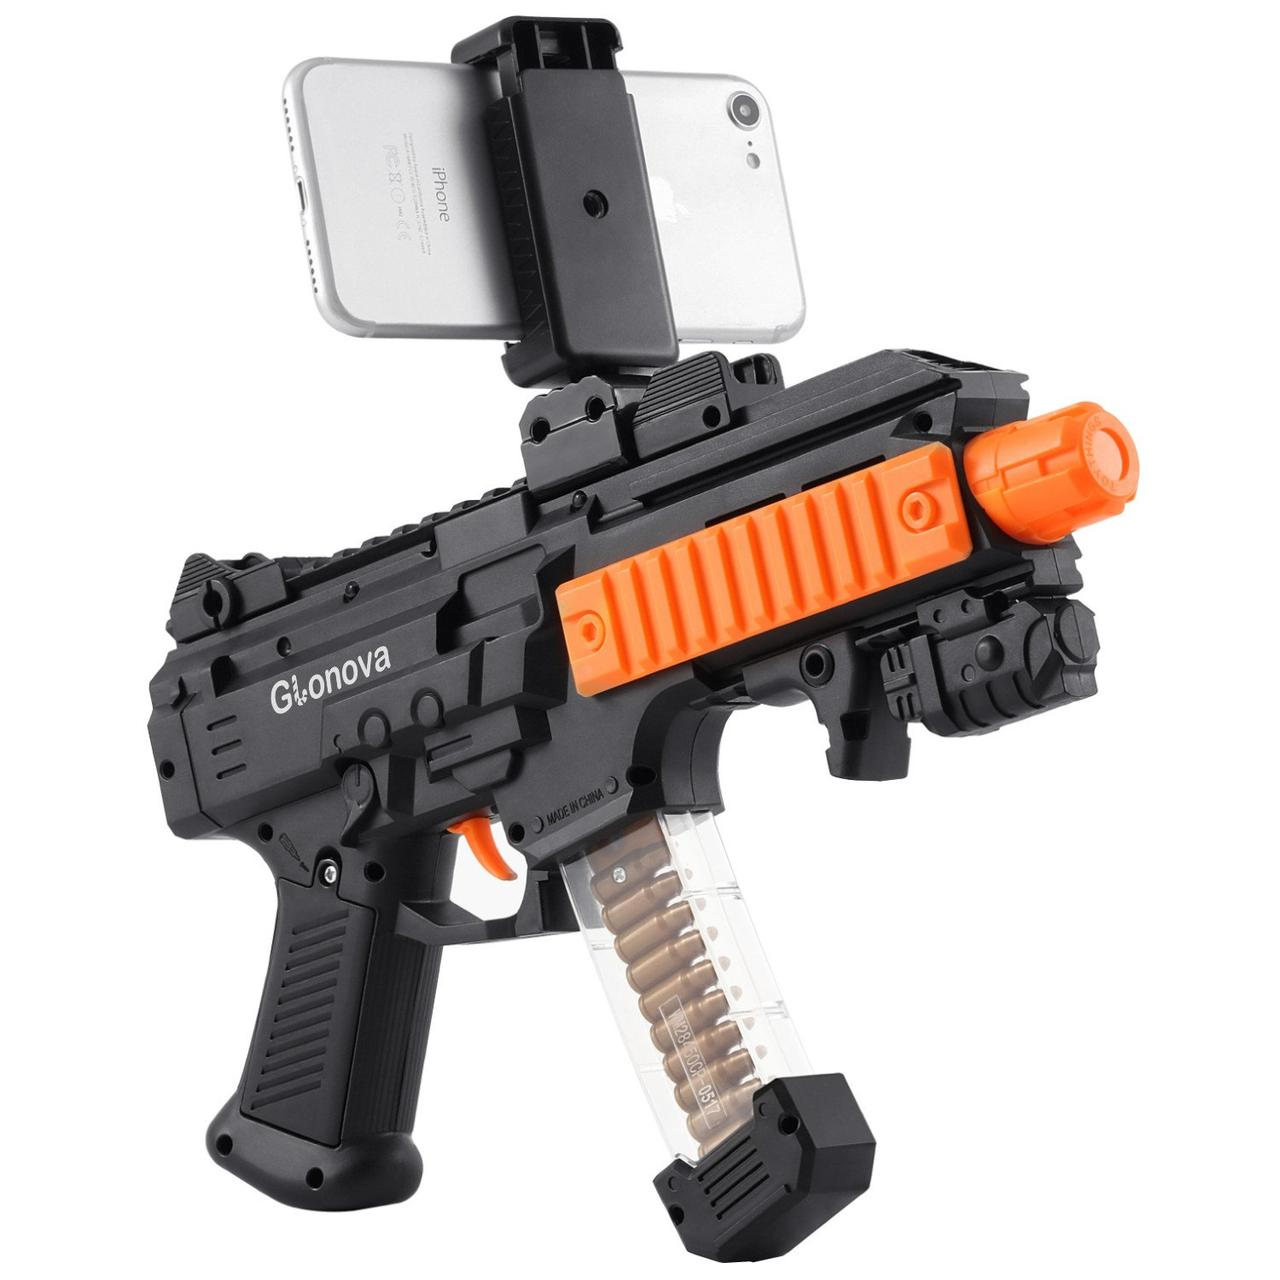 Автомат виртуальной реальности AR GAME GUN